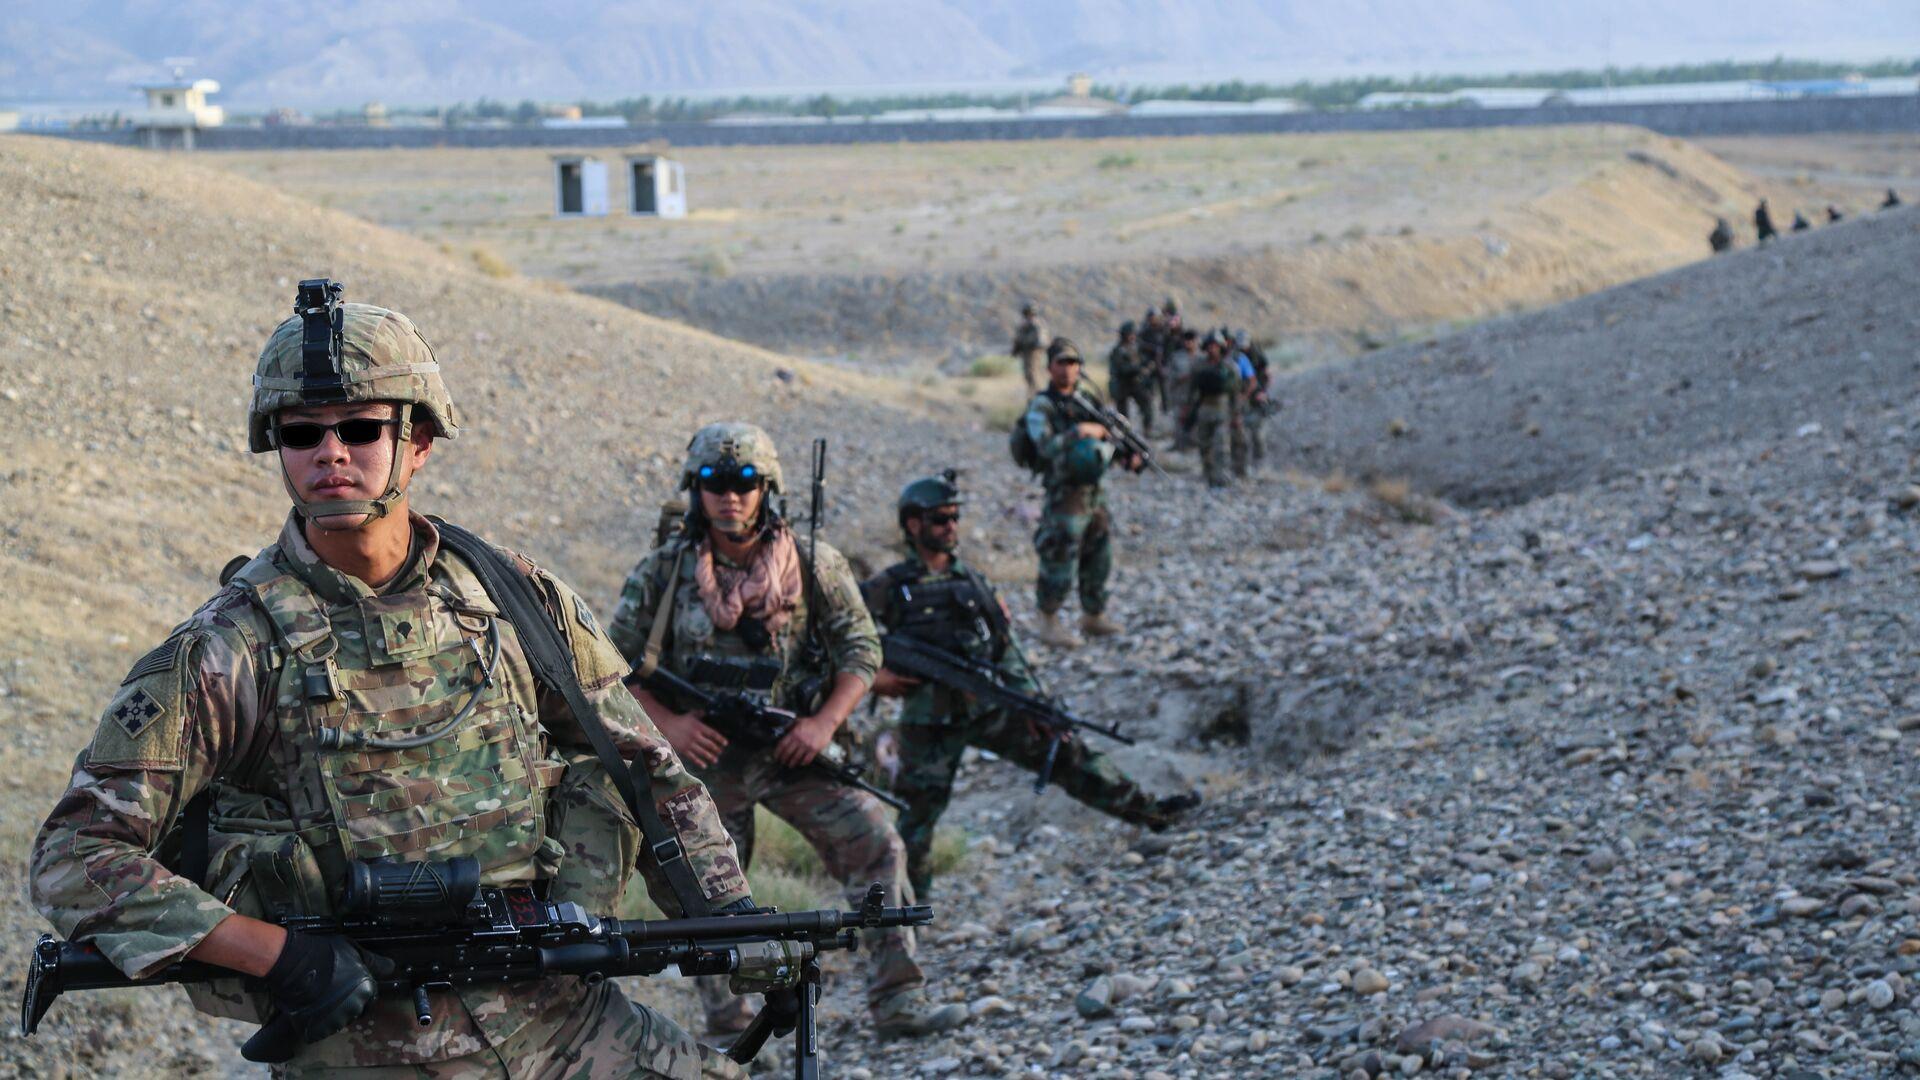 Военнослужащие армии США во время учений в Афганистане - РИА Новости, 1920, 29.01.2021